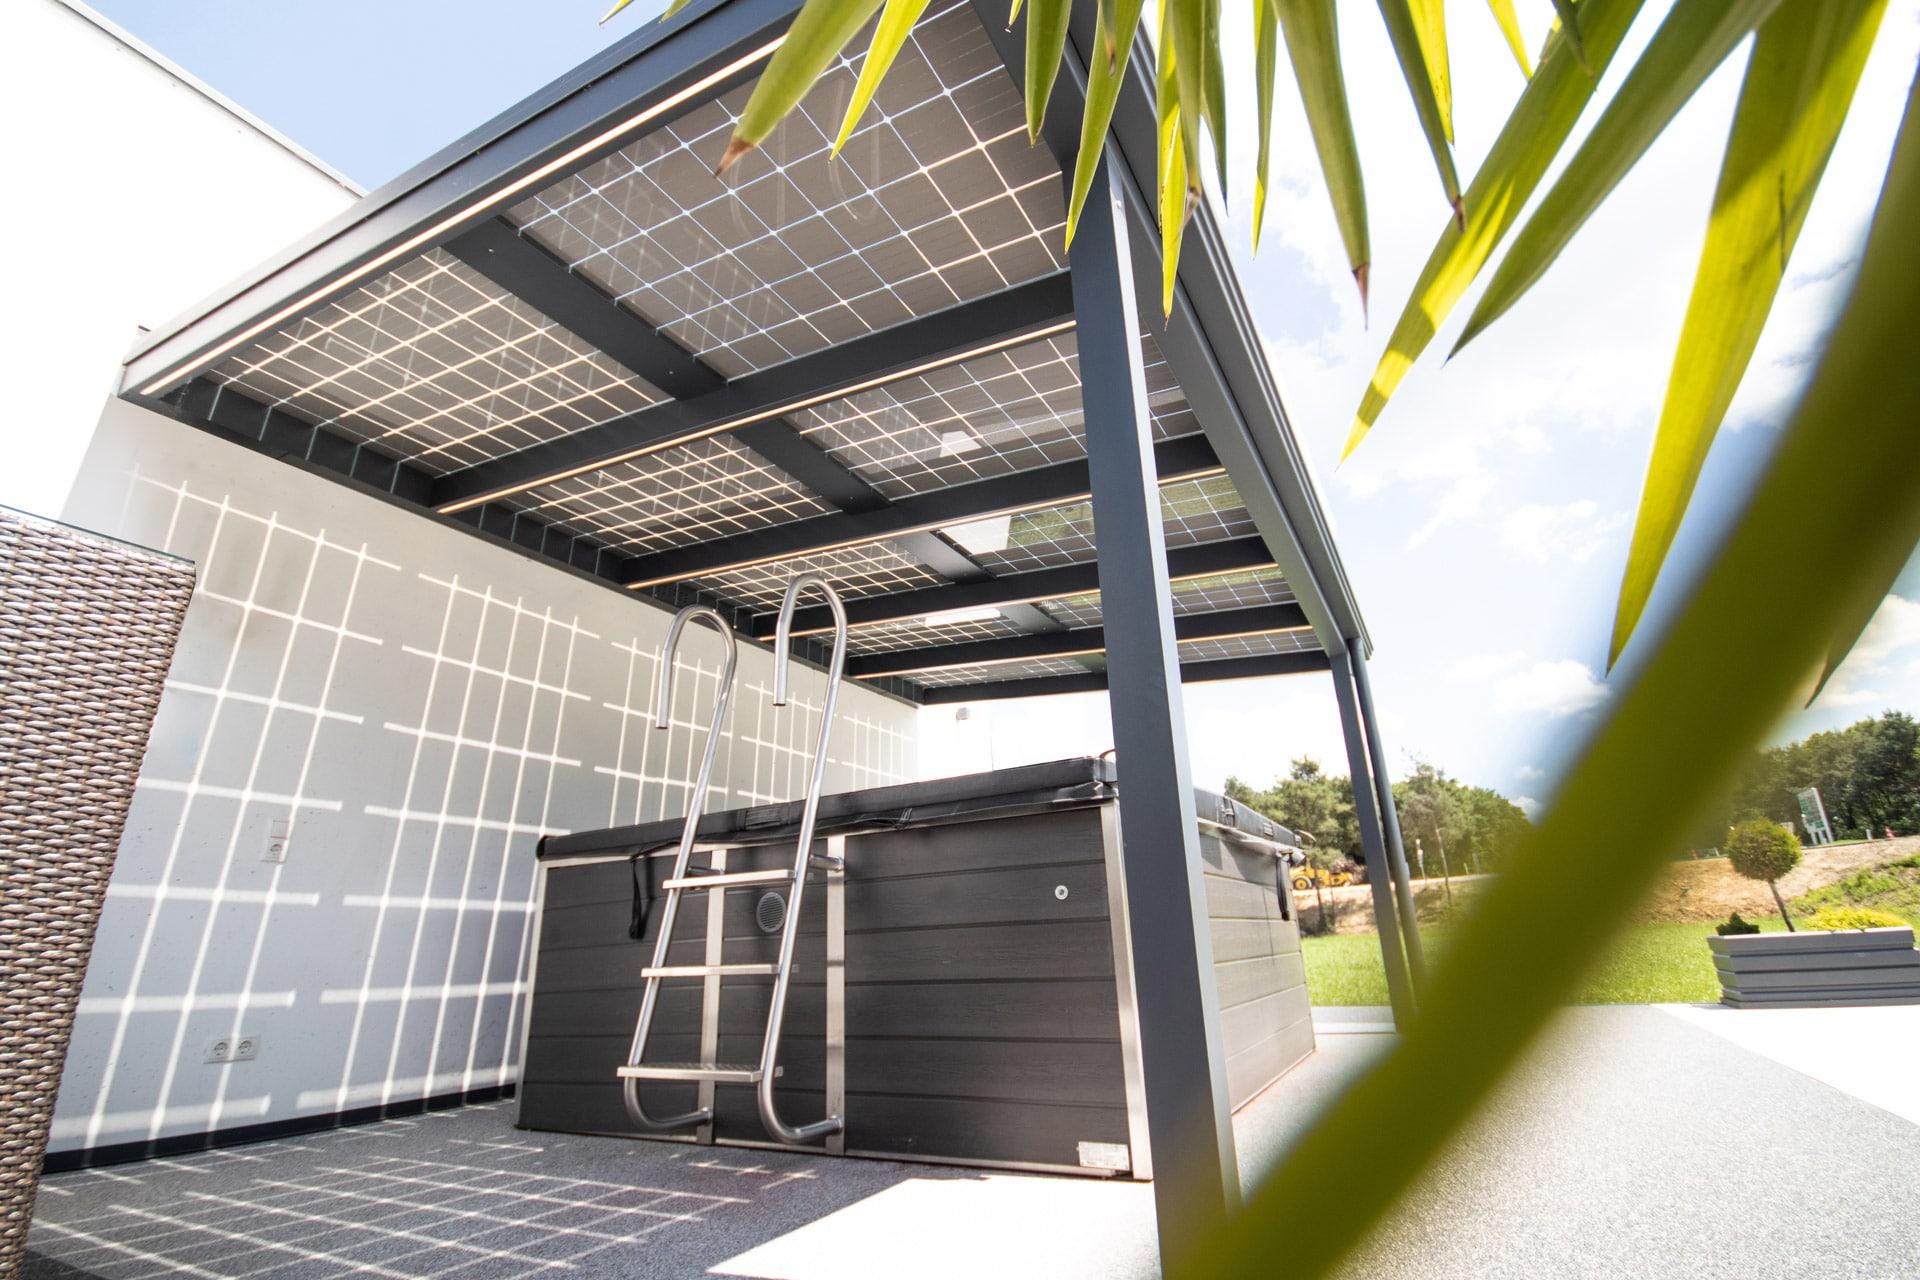 Photovoltaikdach 01 b | Terrassendach aus Aluminium grau mit PV-Anlage als Beschattung | Svoboda